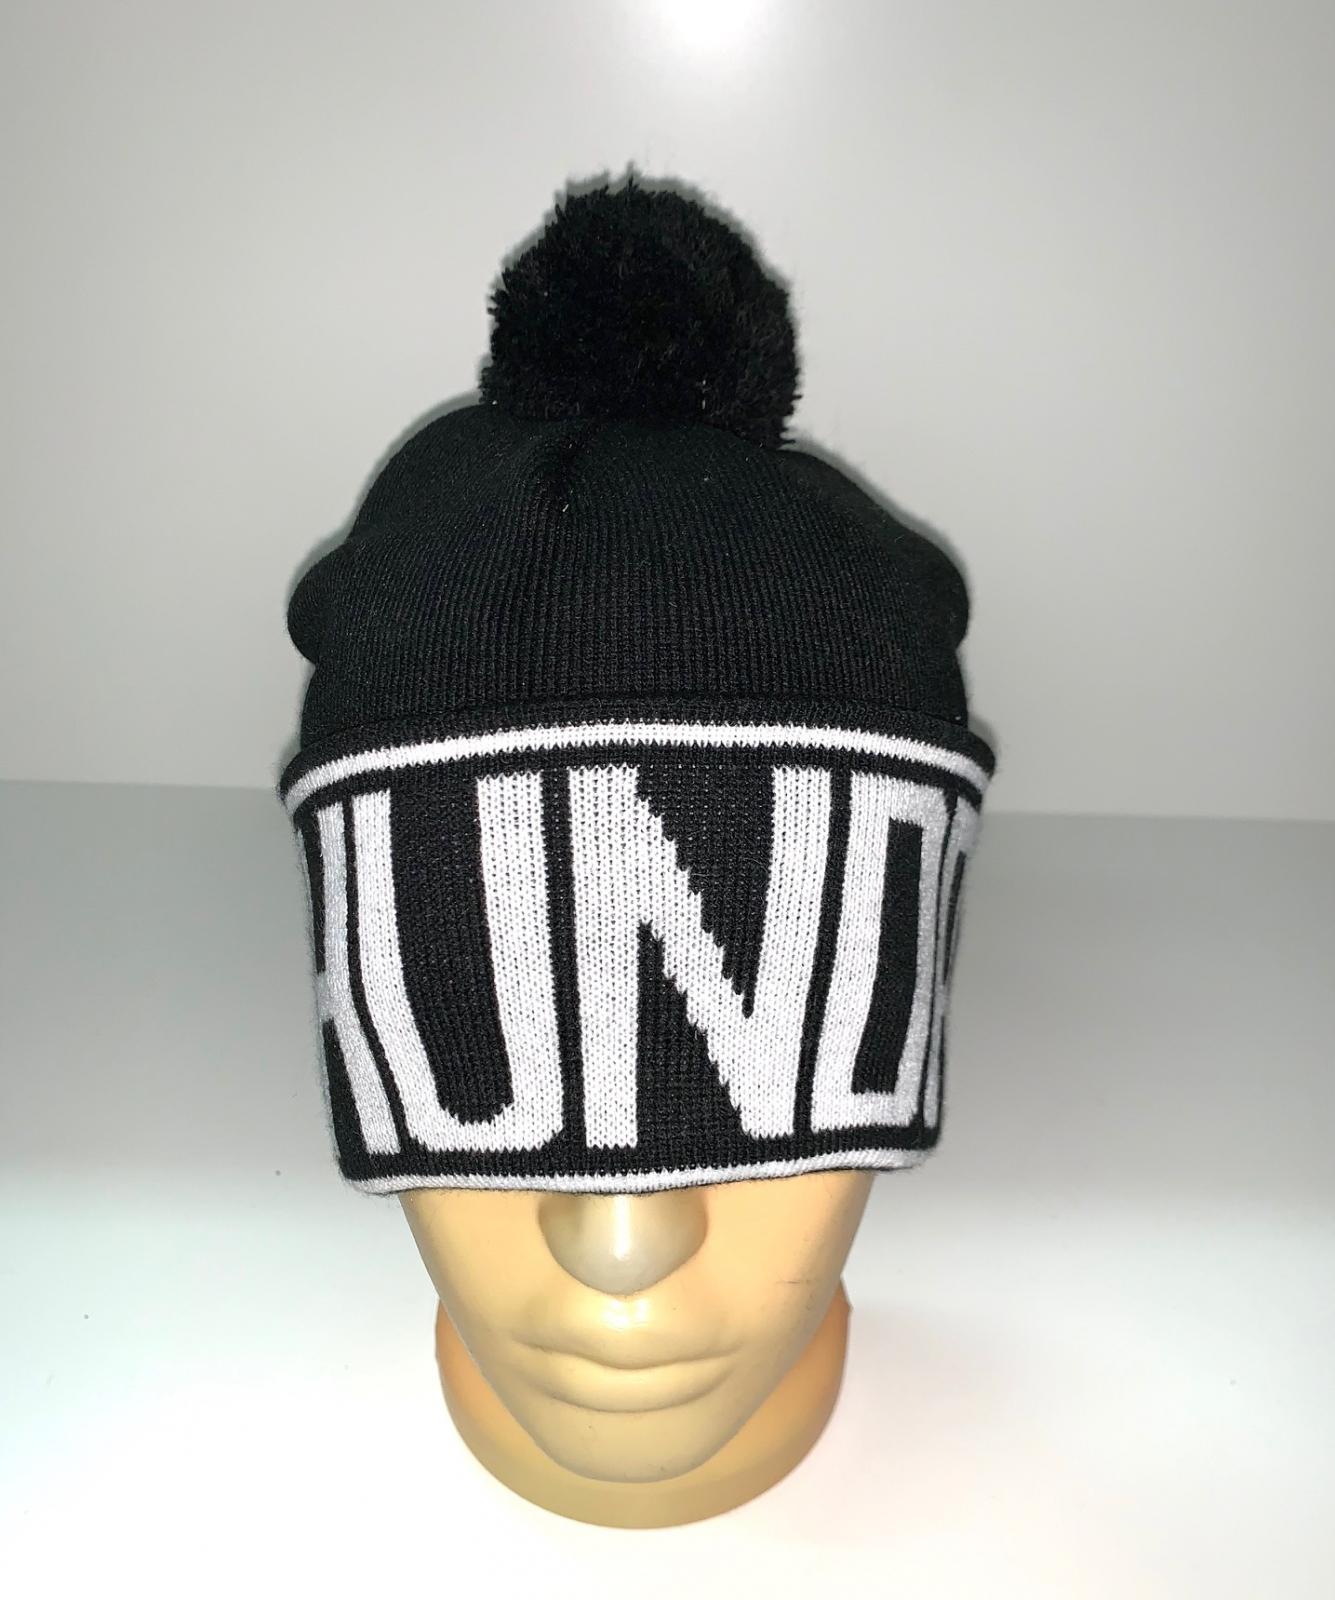 Черная шапка с белой надписью